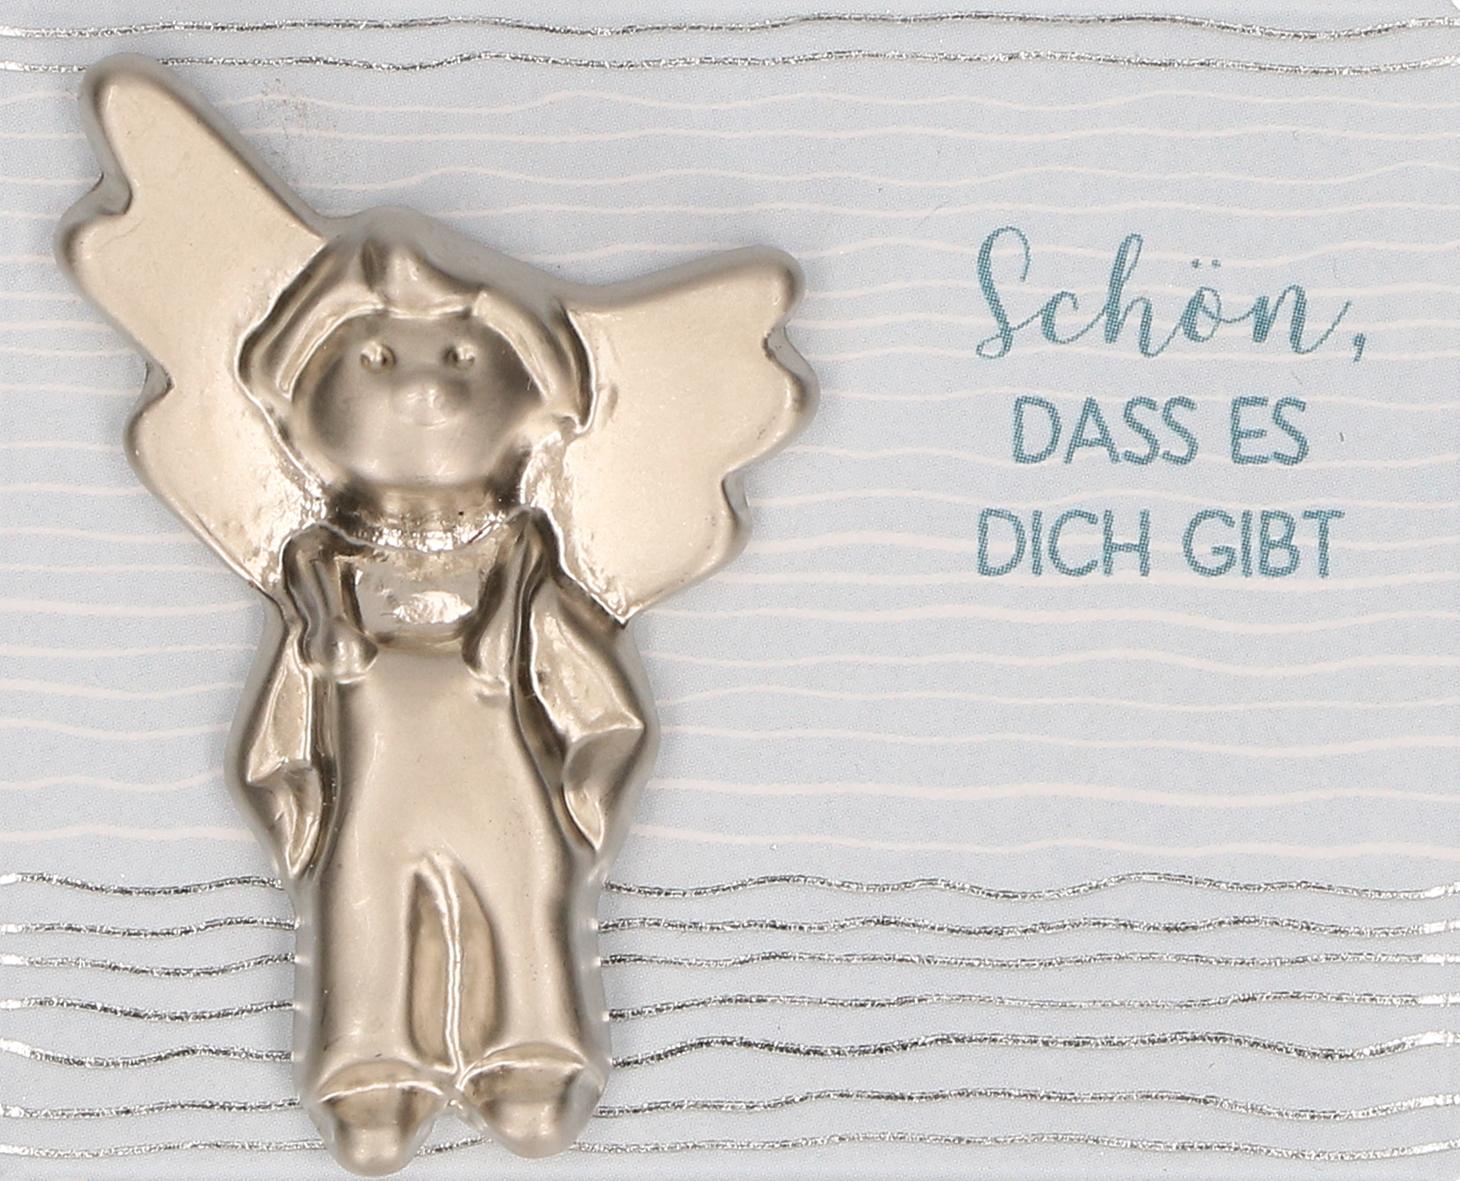 Engel Handschmeichler - Schön, dass es dich gibt.